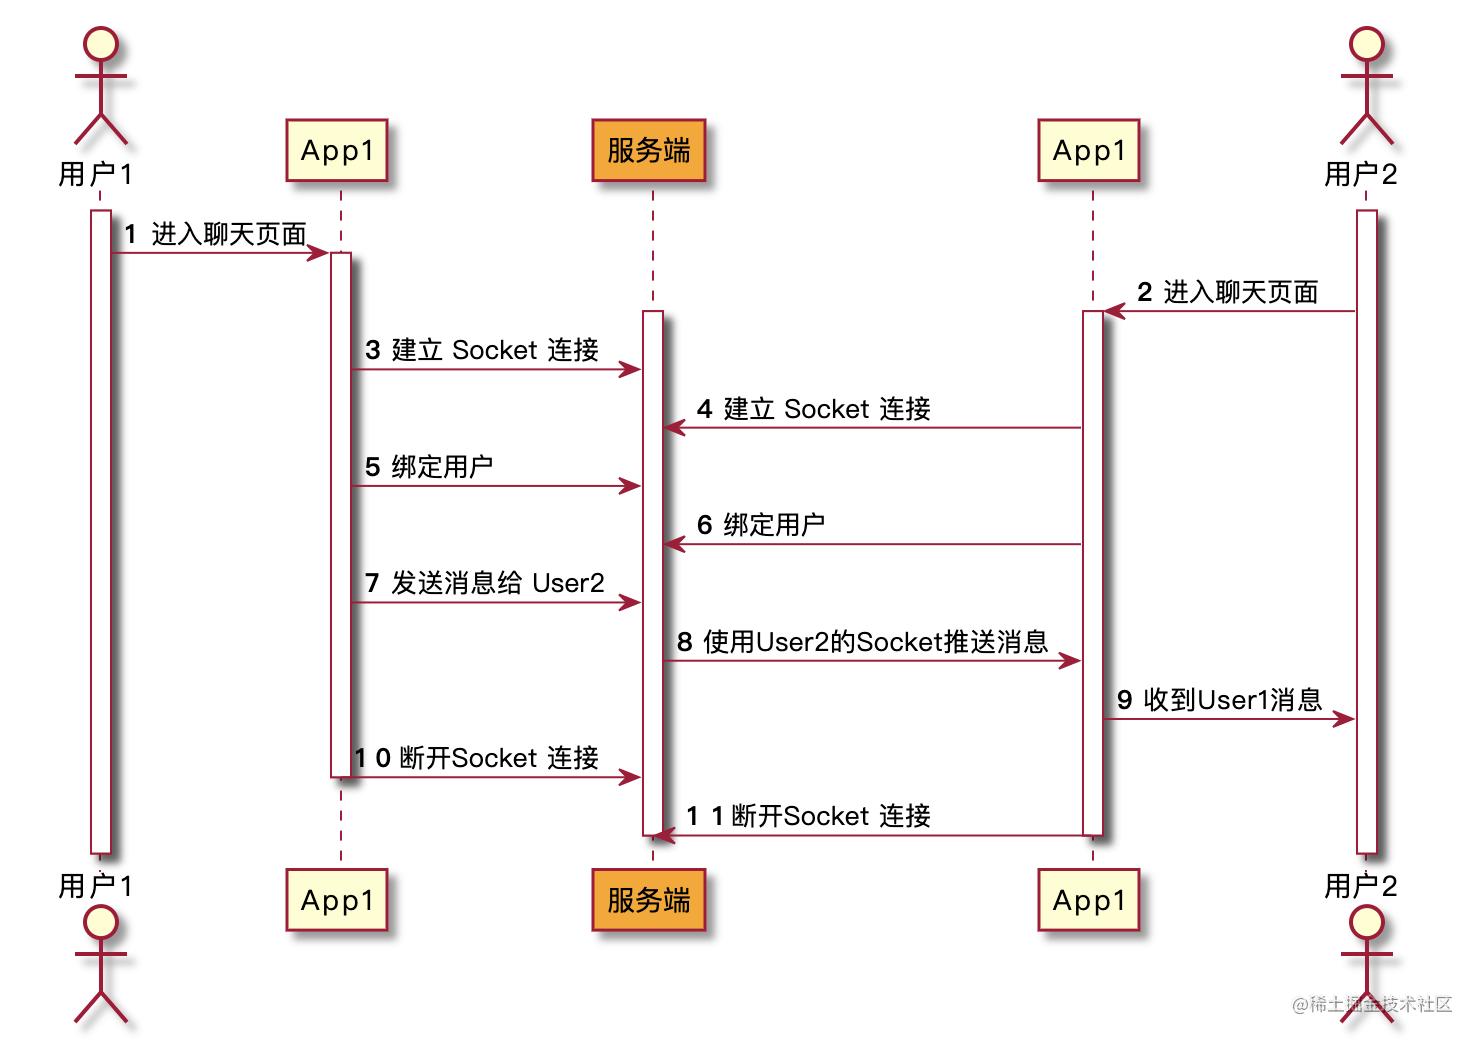 时序图.png